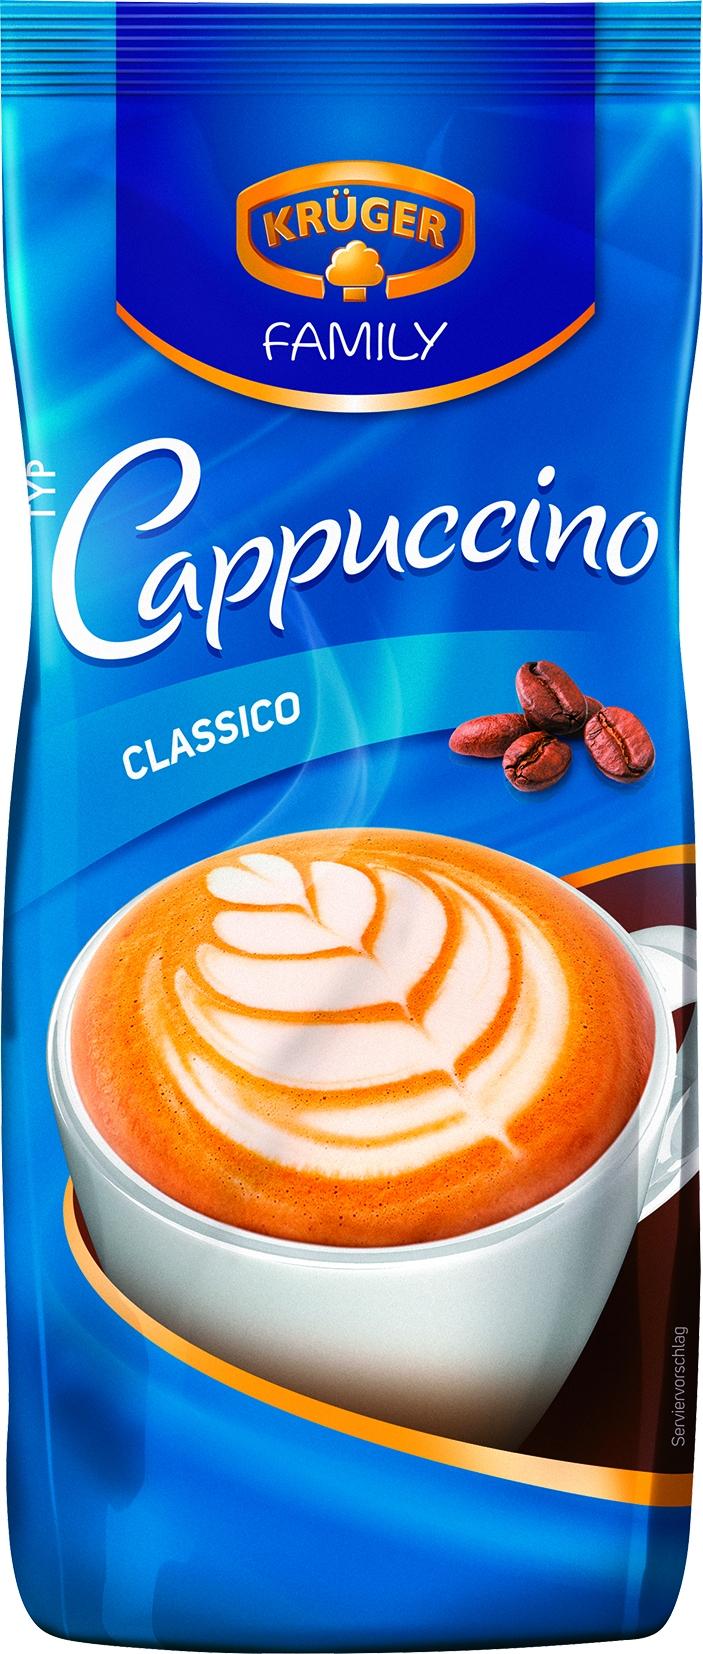 Family Classico Cappuccino